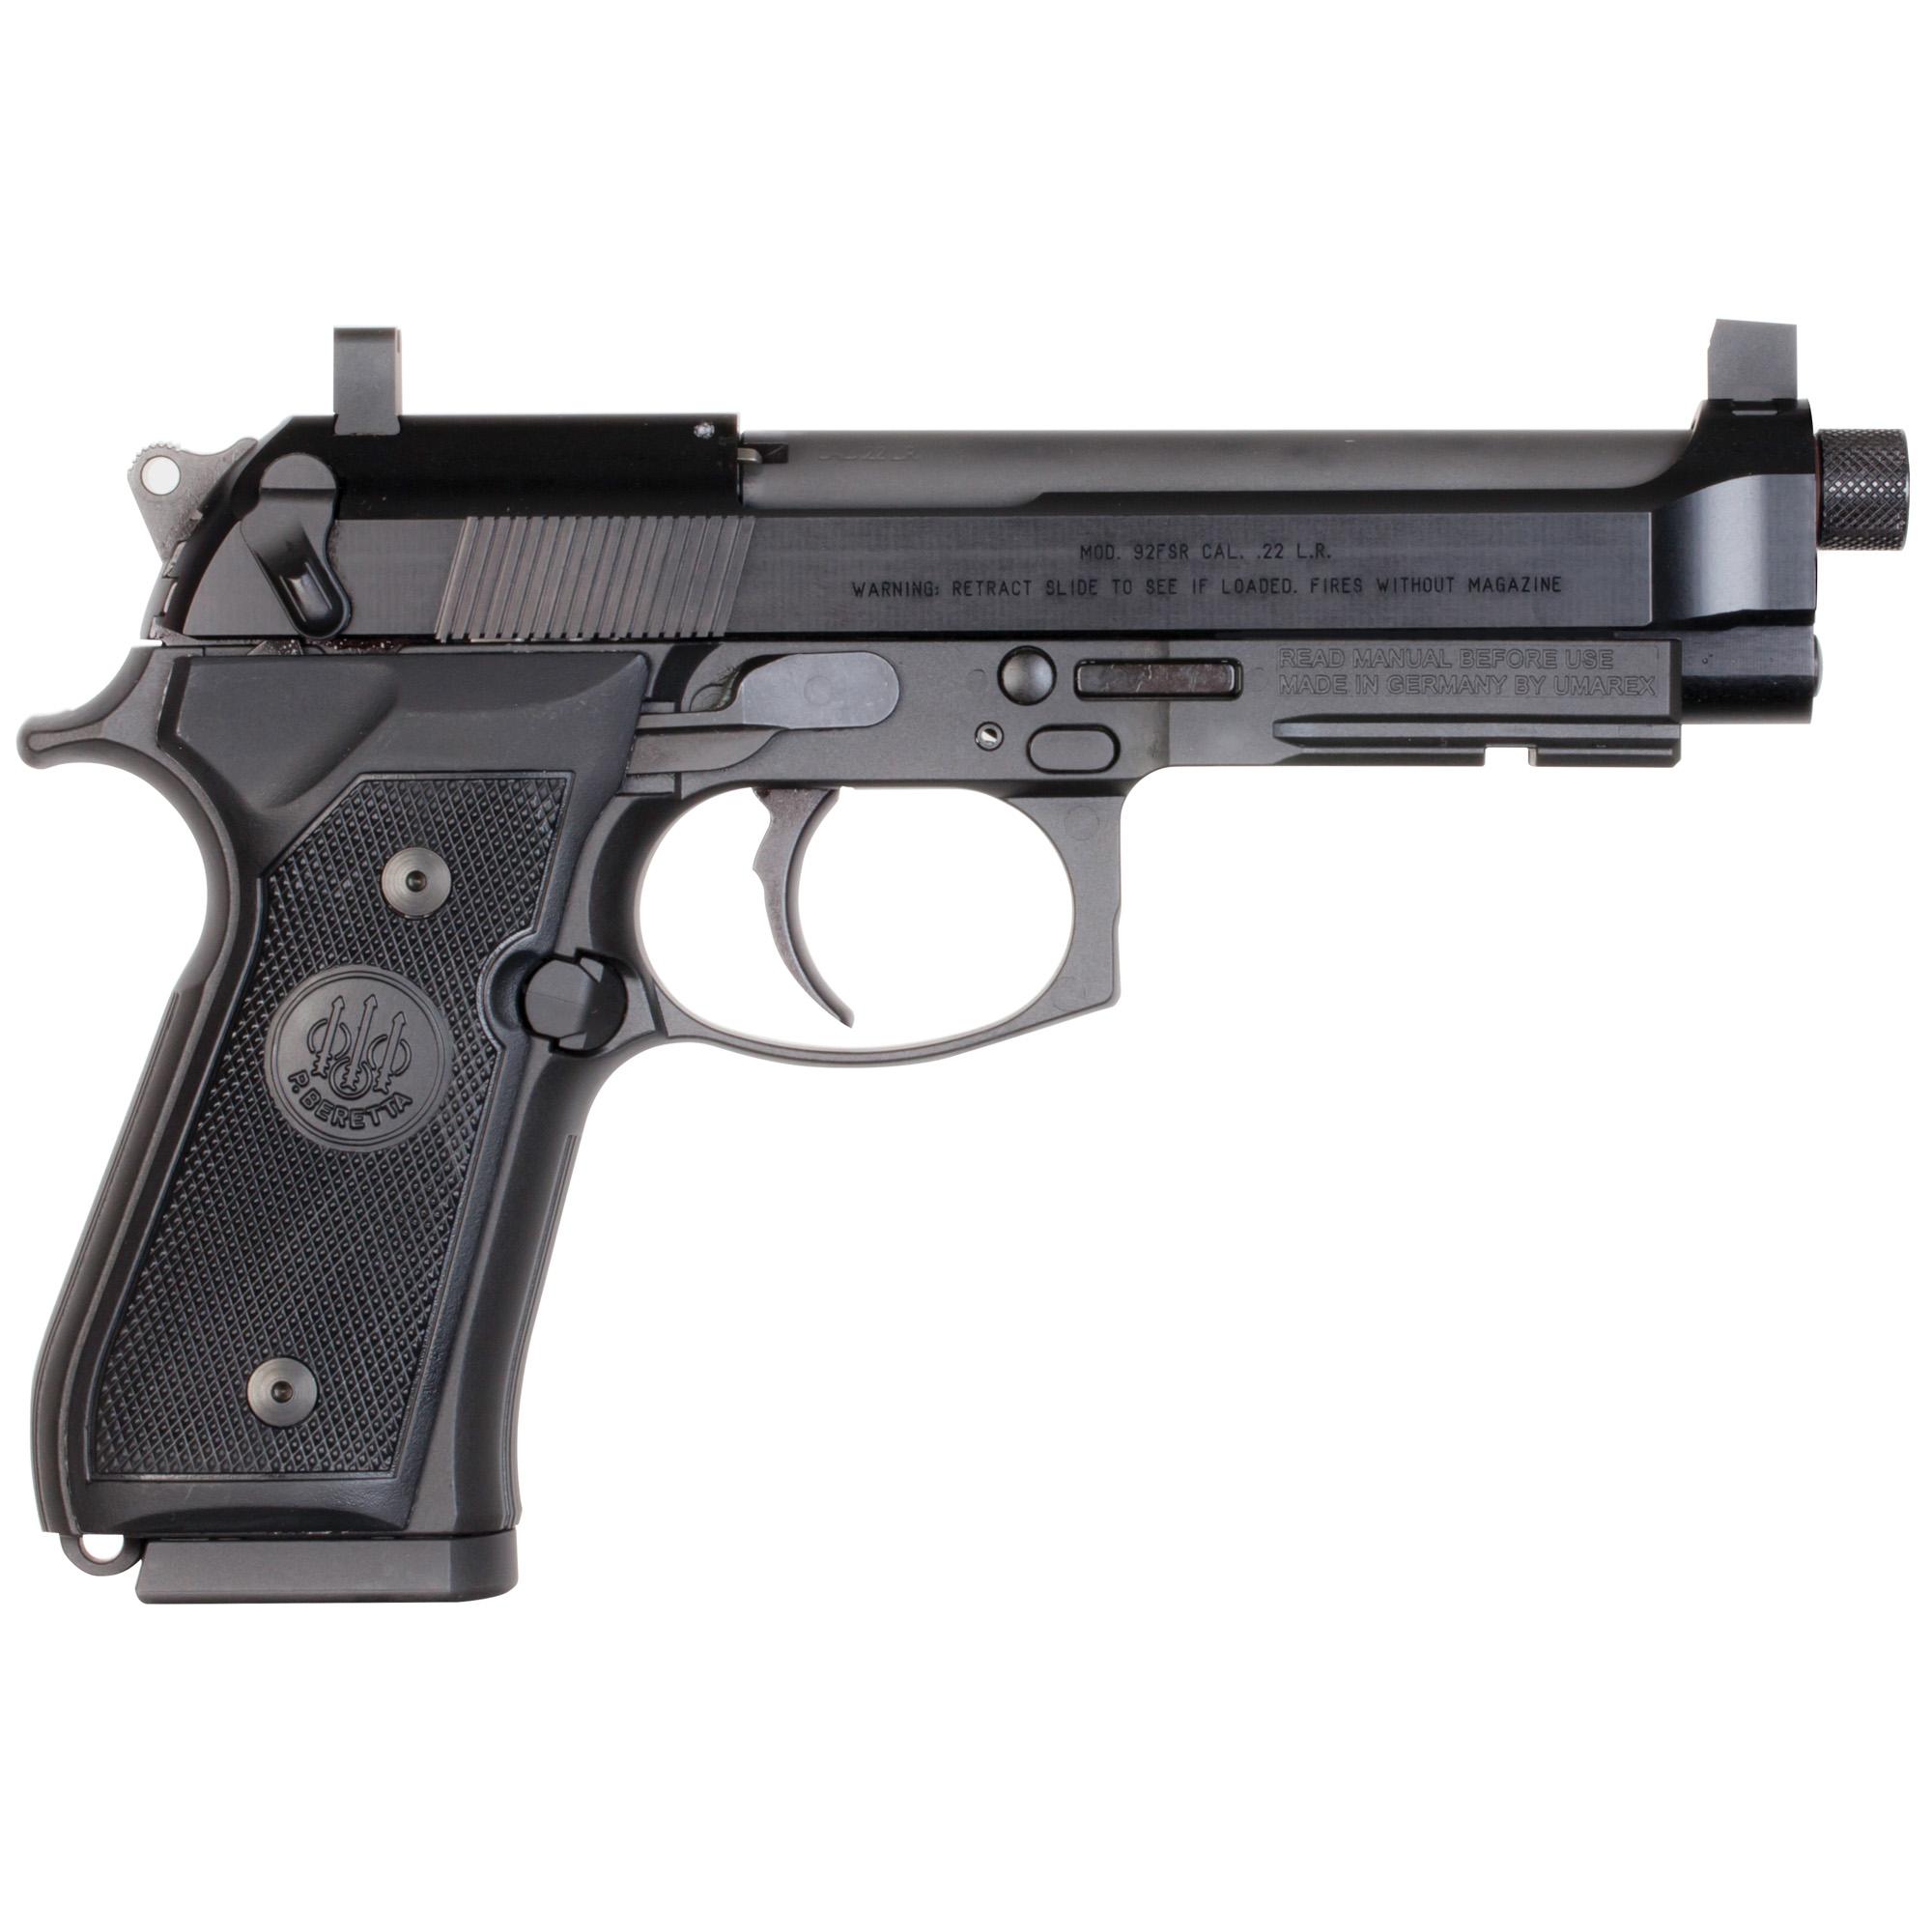 Beretta 92fsr 22lr 2-15rd Supr Rdy K